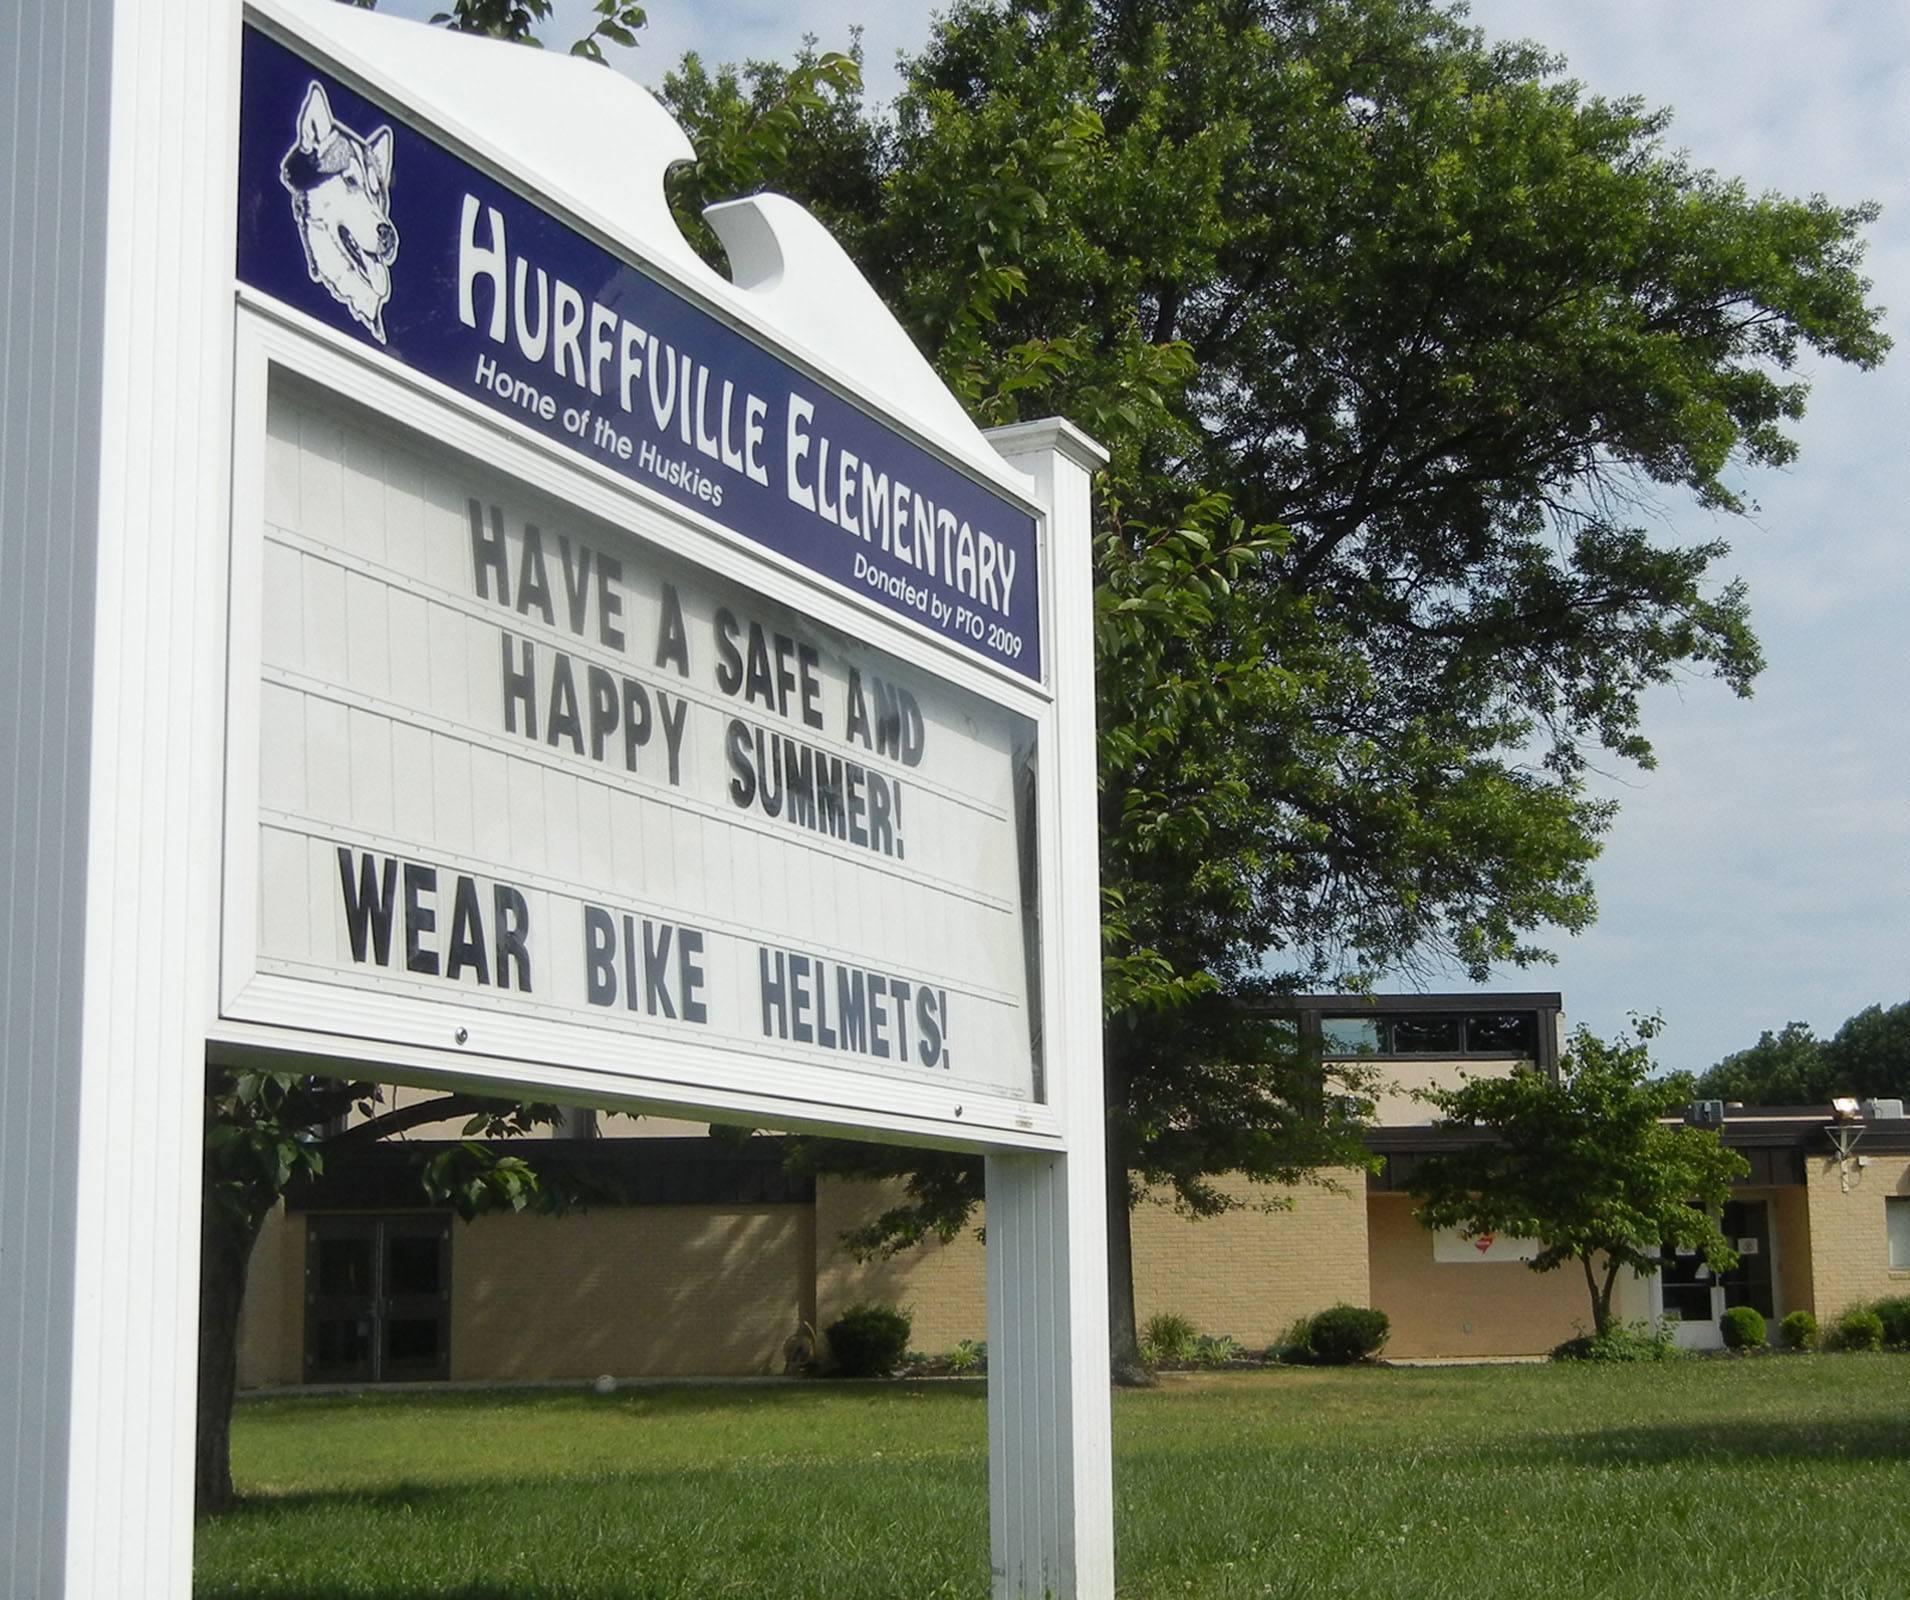 Hurffville Elementary / Homepage